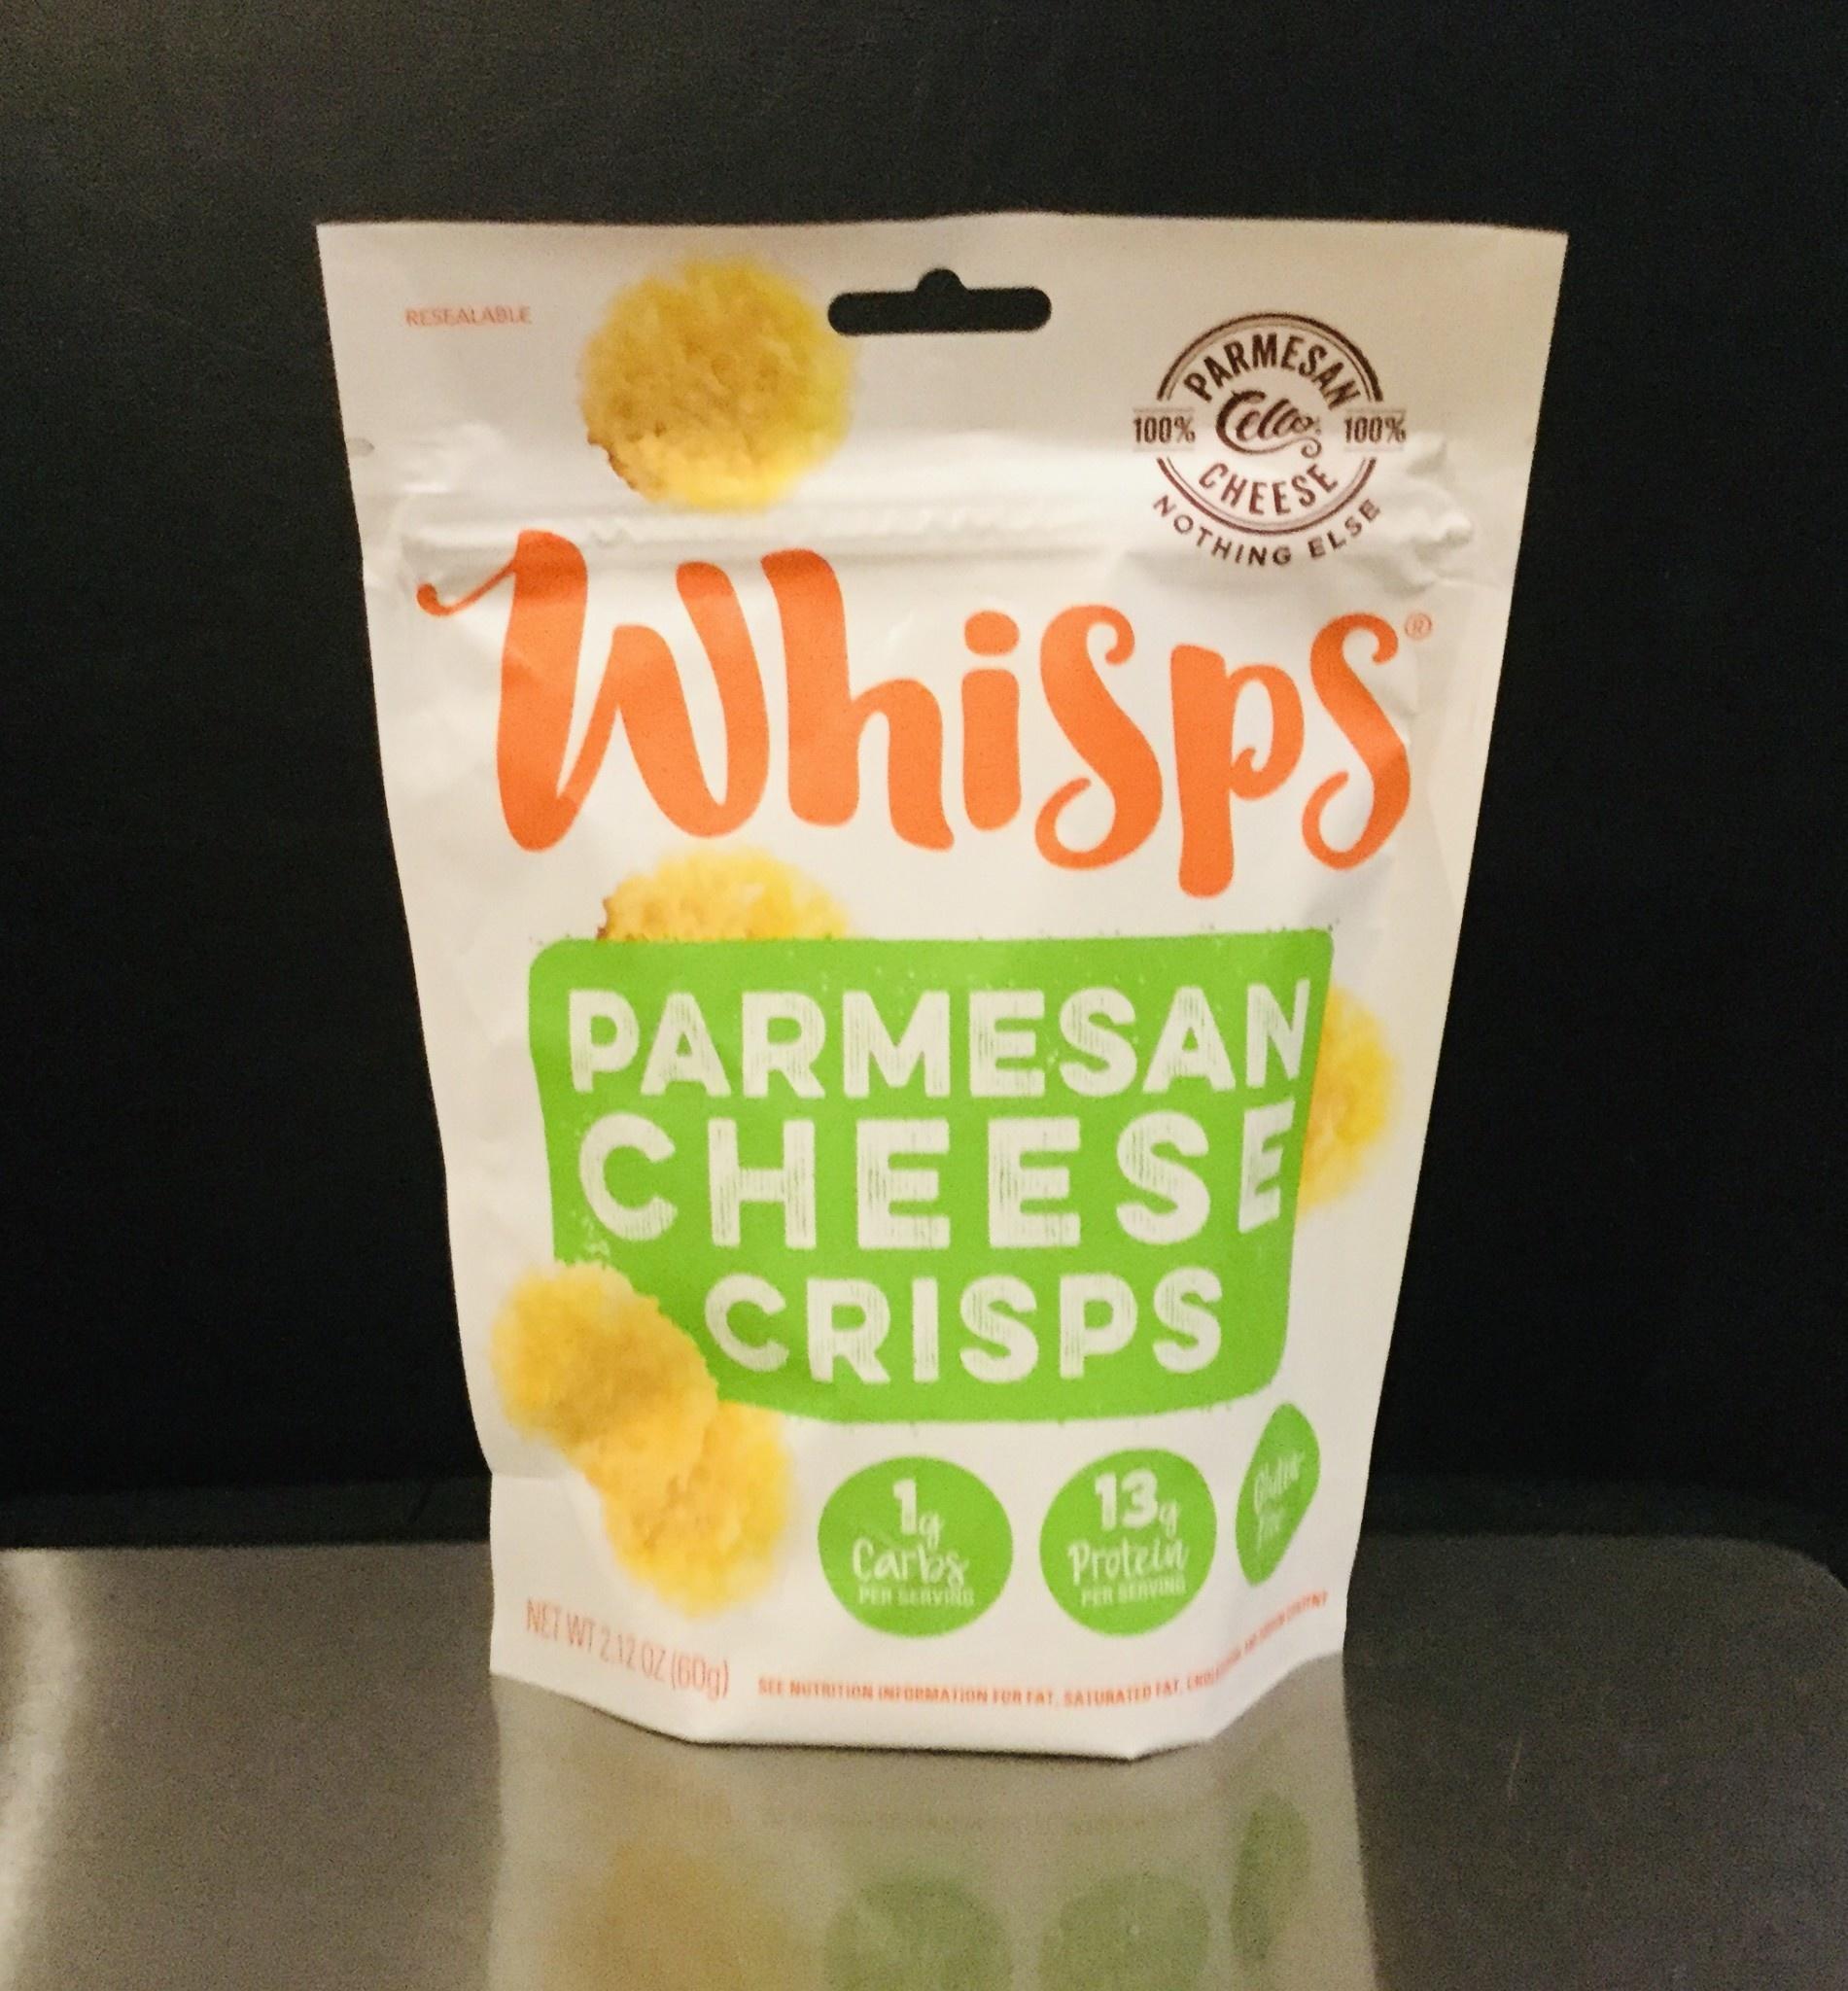 Whisps Parmesan Cheese Crisps 2.12 oz